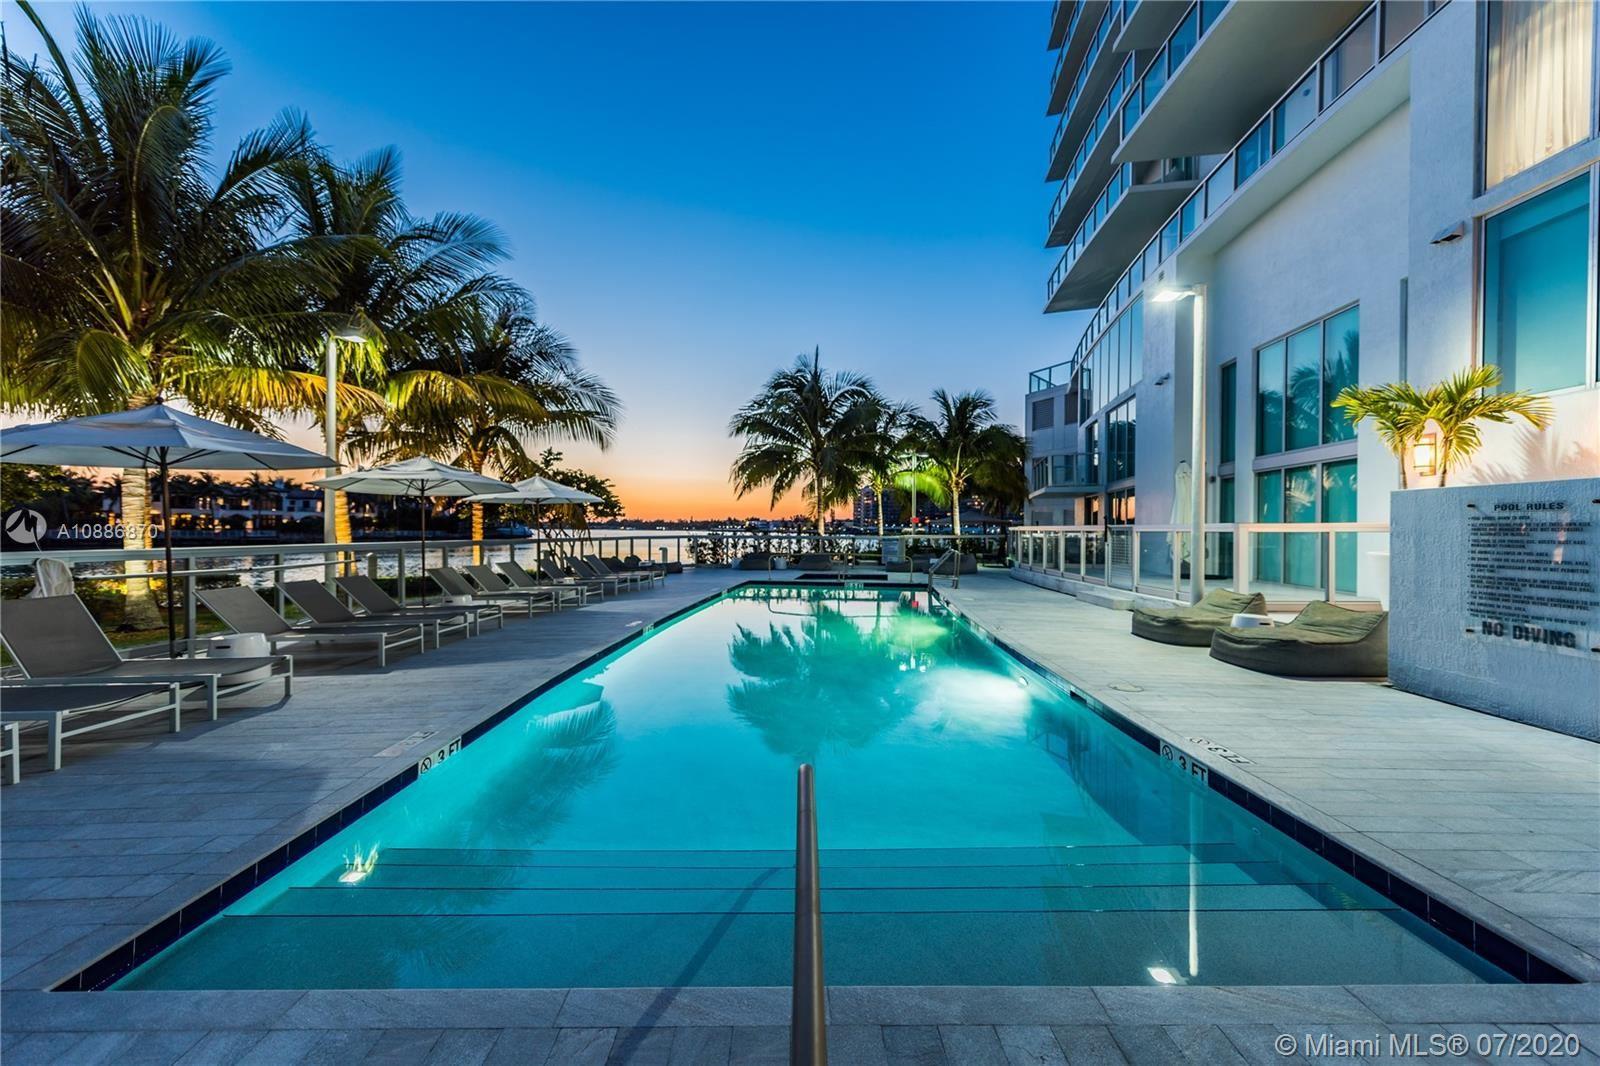 6700 Indian Creek Dr #PH7, Miami Beach, FL 33141 - #: A10886870